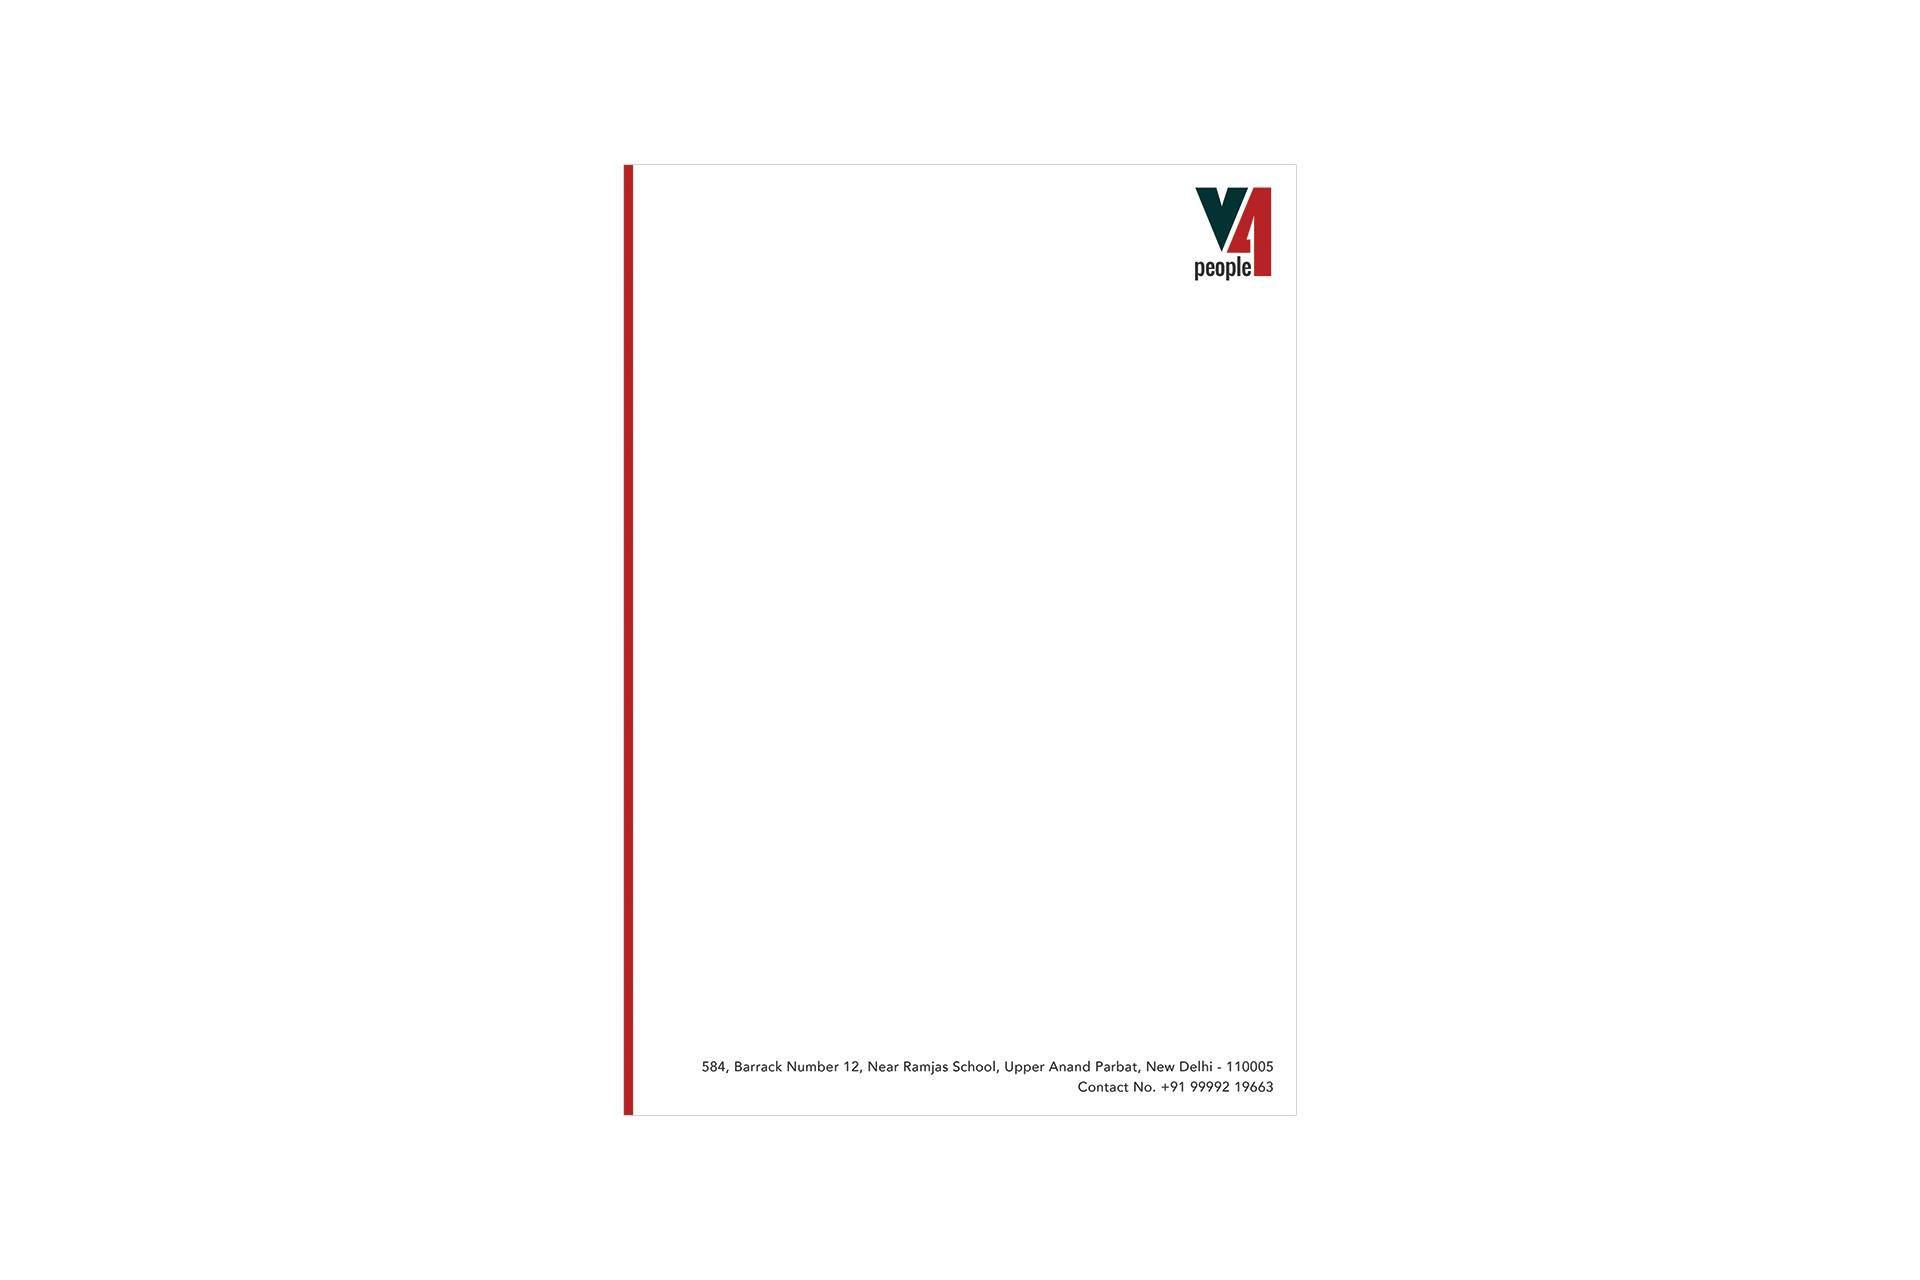 letterHead-v4-people